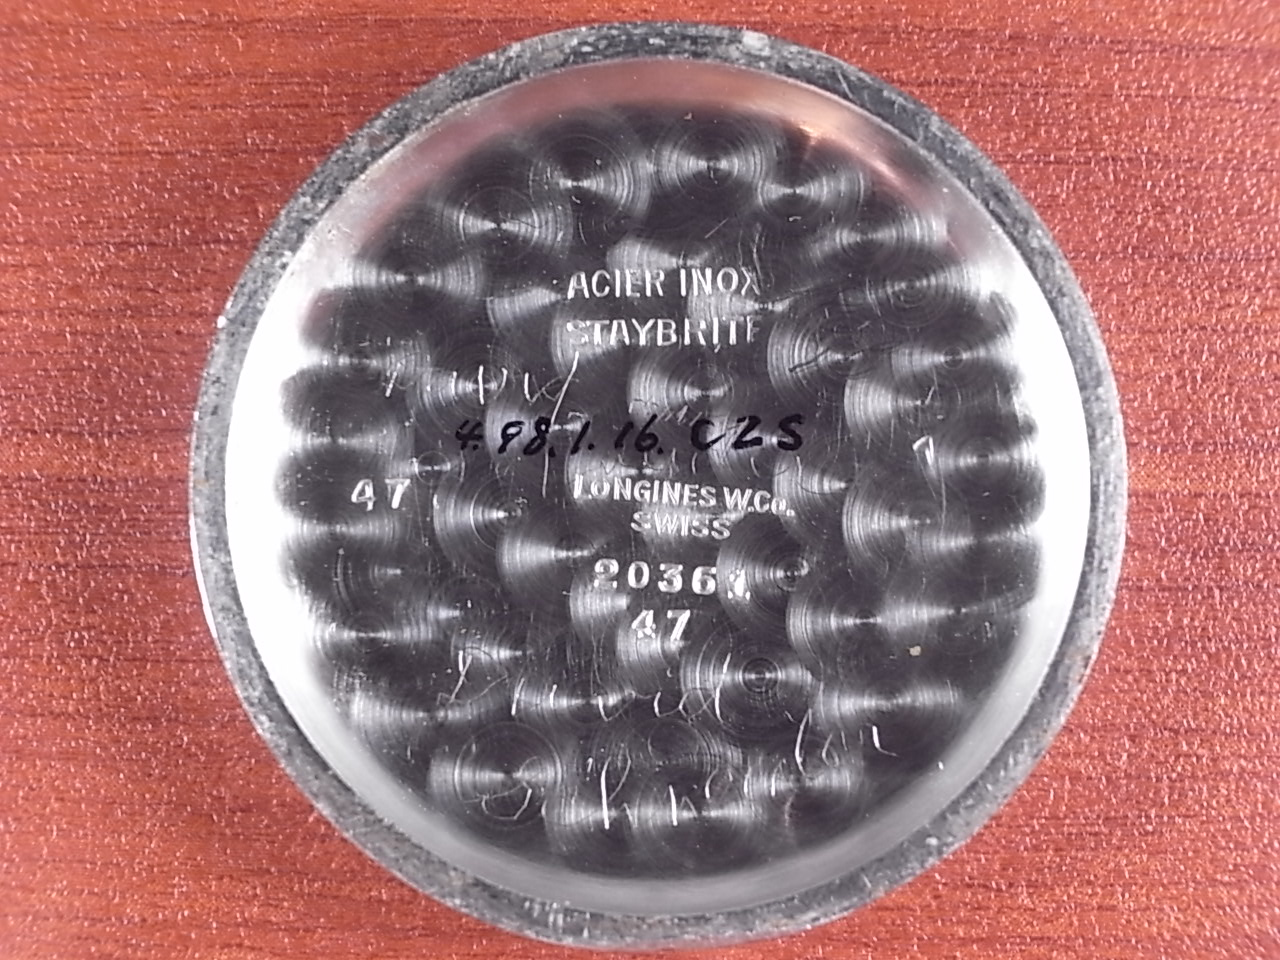 ロンジン ロータリングWベゼル ストップセコンド パイロットウォッチ 1930年代の写真6枚目